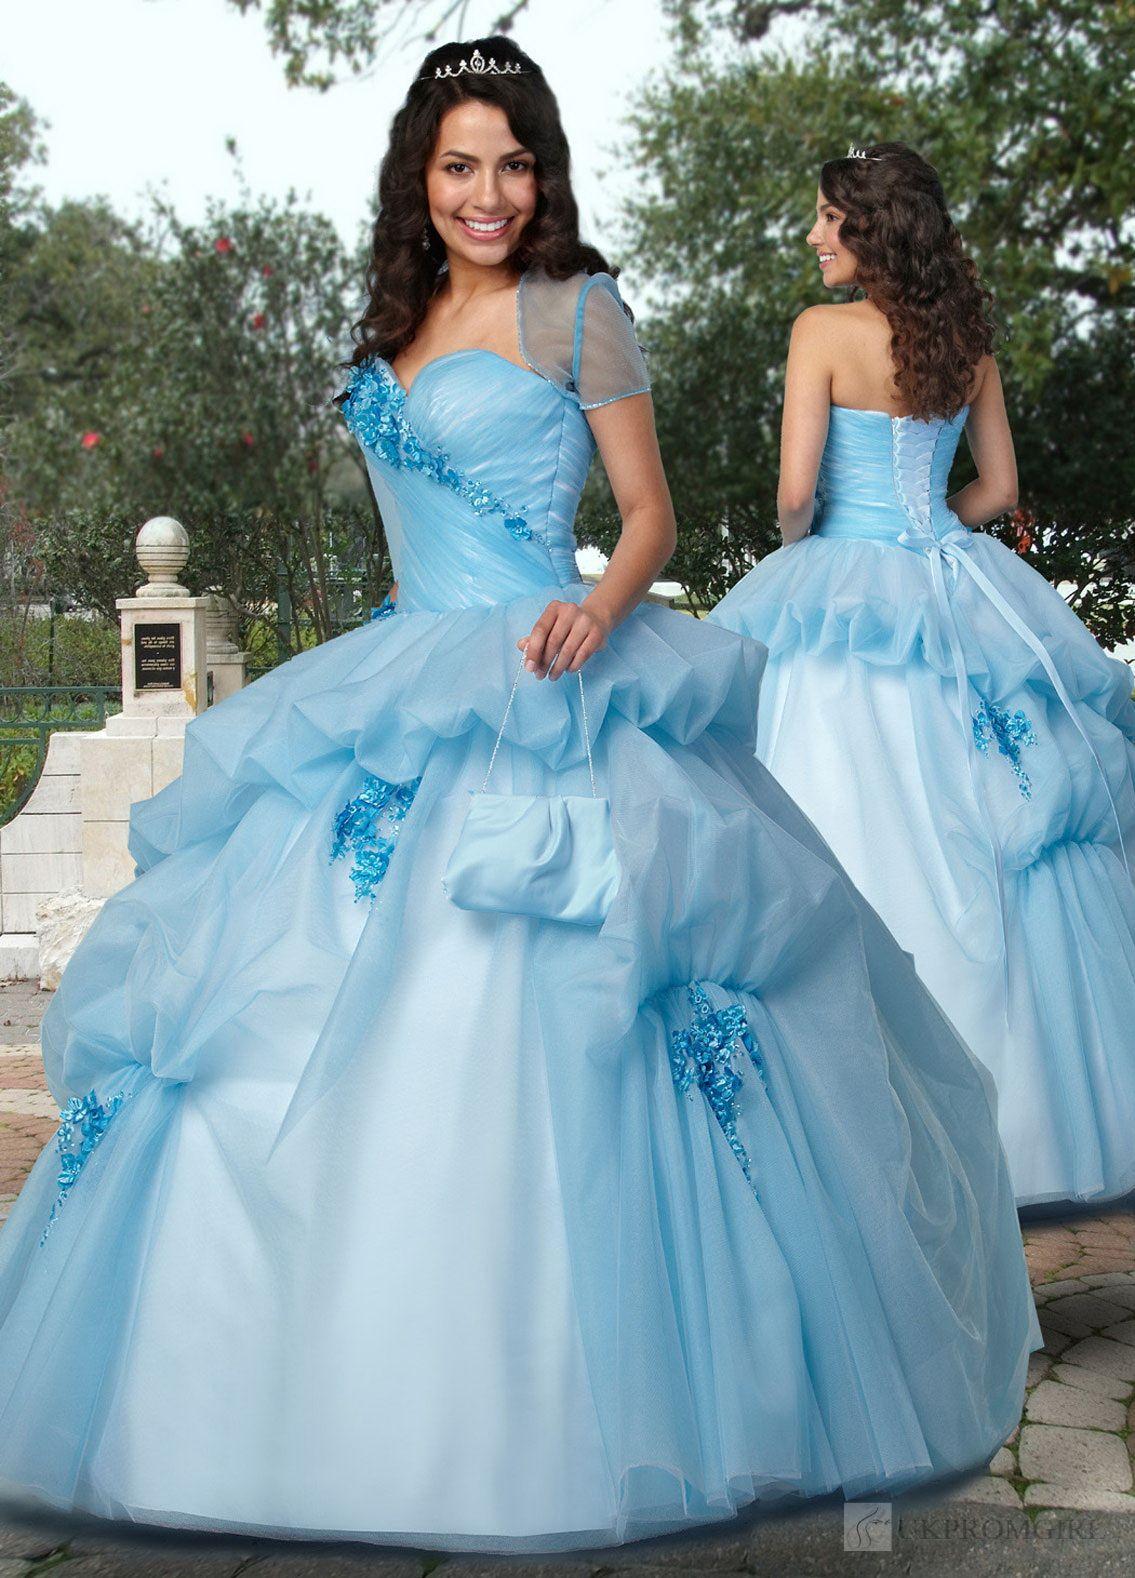 Ball Gown Evening Dresses | Princess dresses | Pinterest | Ball ...